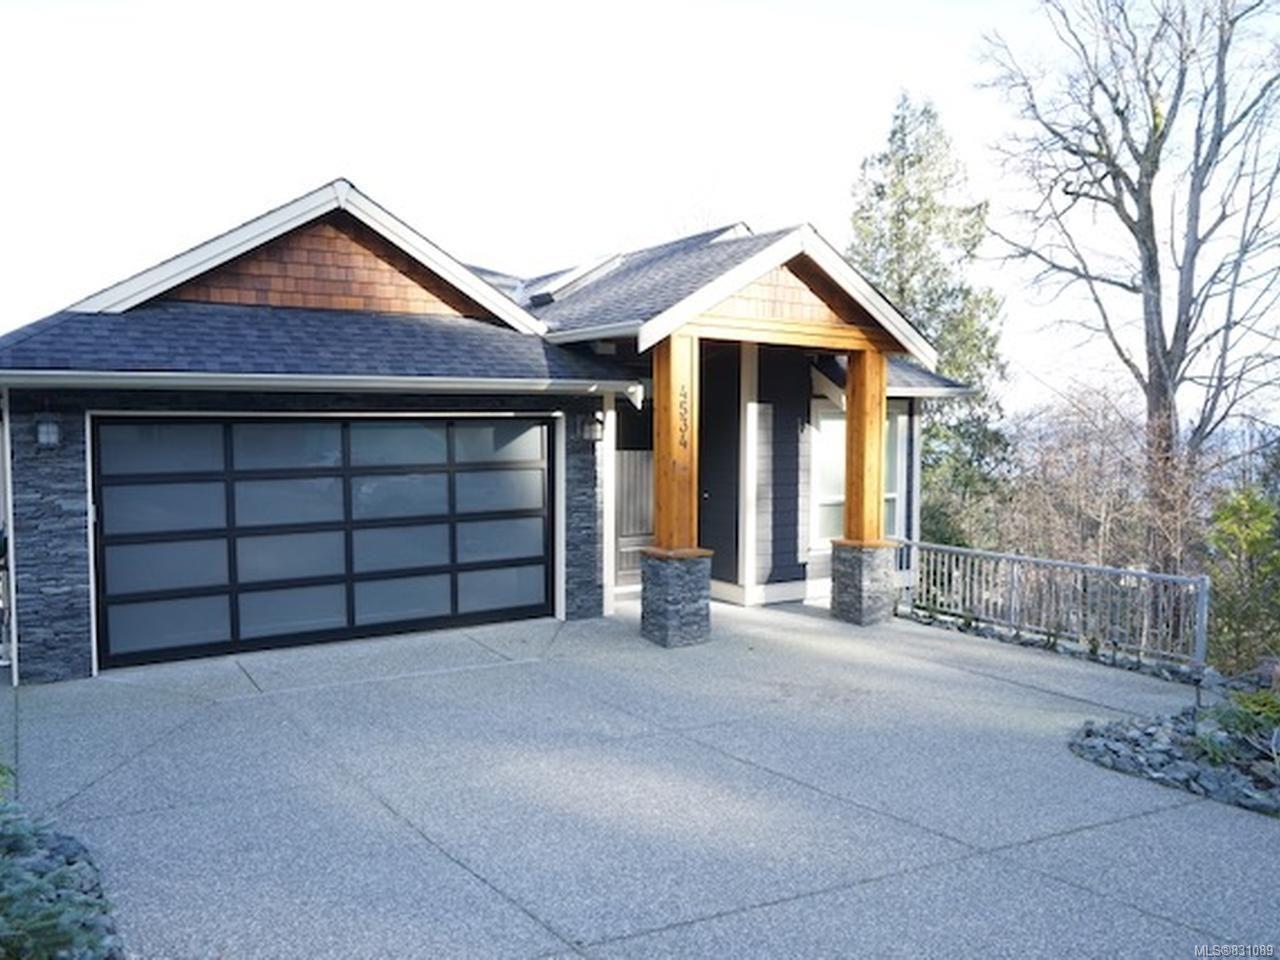 Photo 26: Photos: 4534 Laguna Way in NANAIMO: Na North Nanaimo House for sale (Nanaimo)  : MLS®# 831089